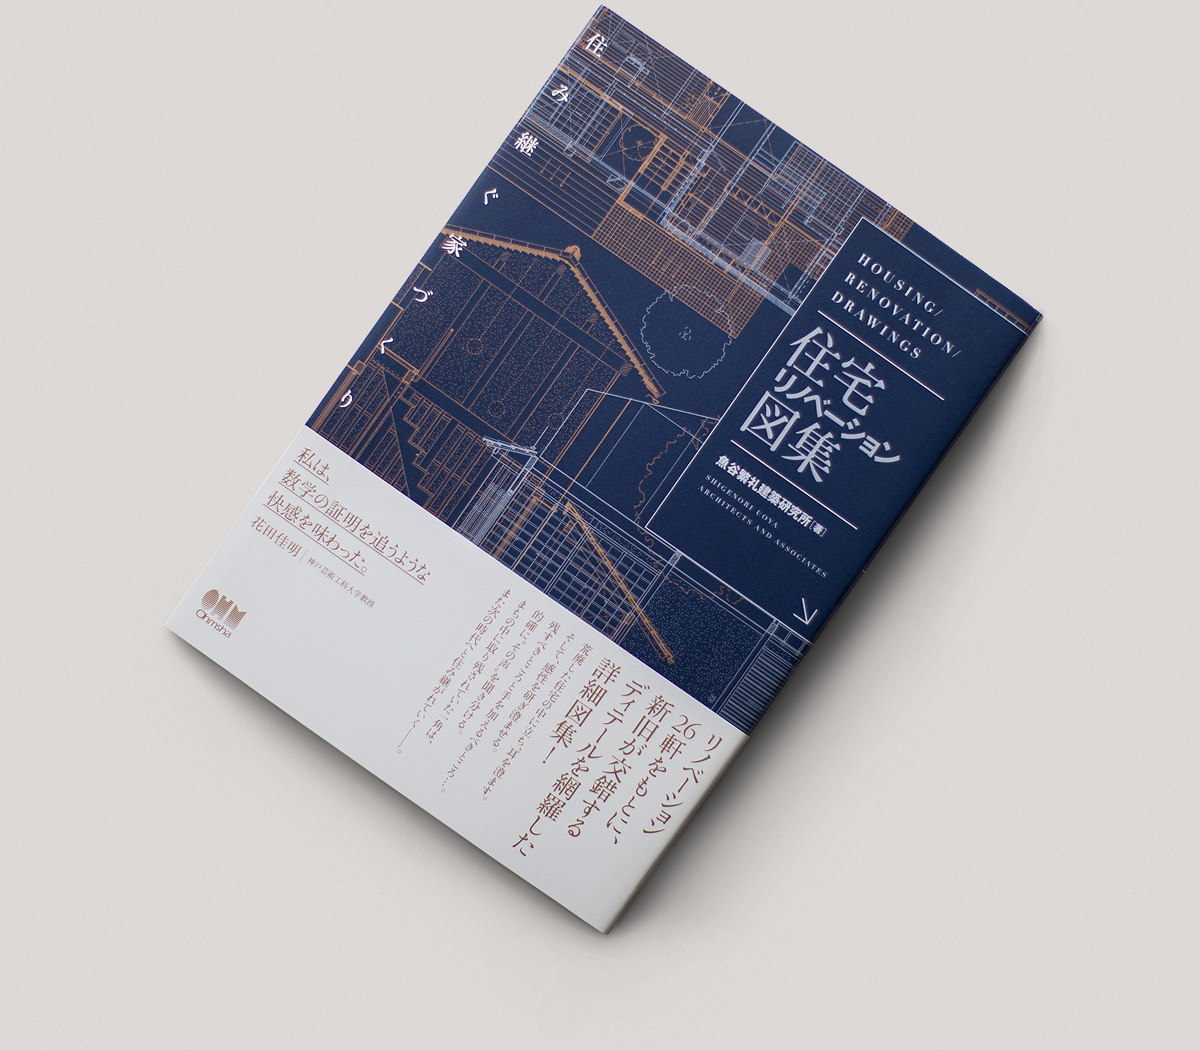 住宅リノベーション図集